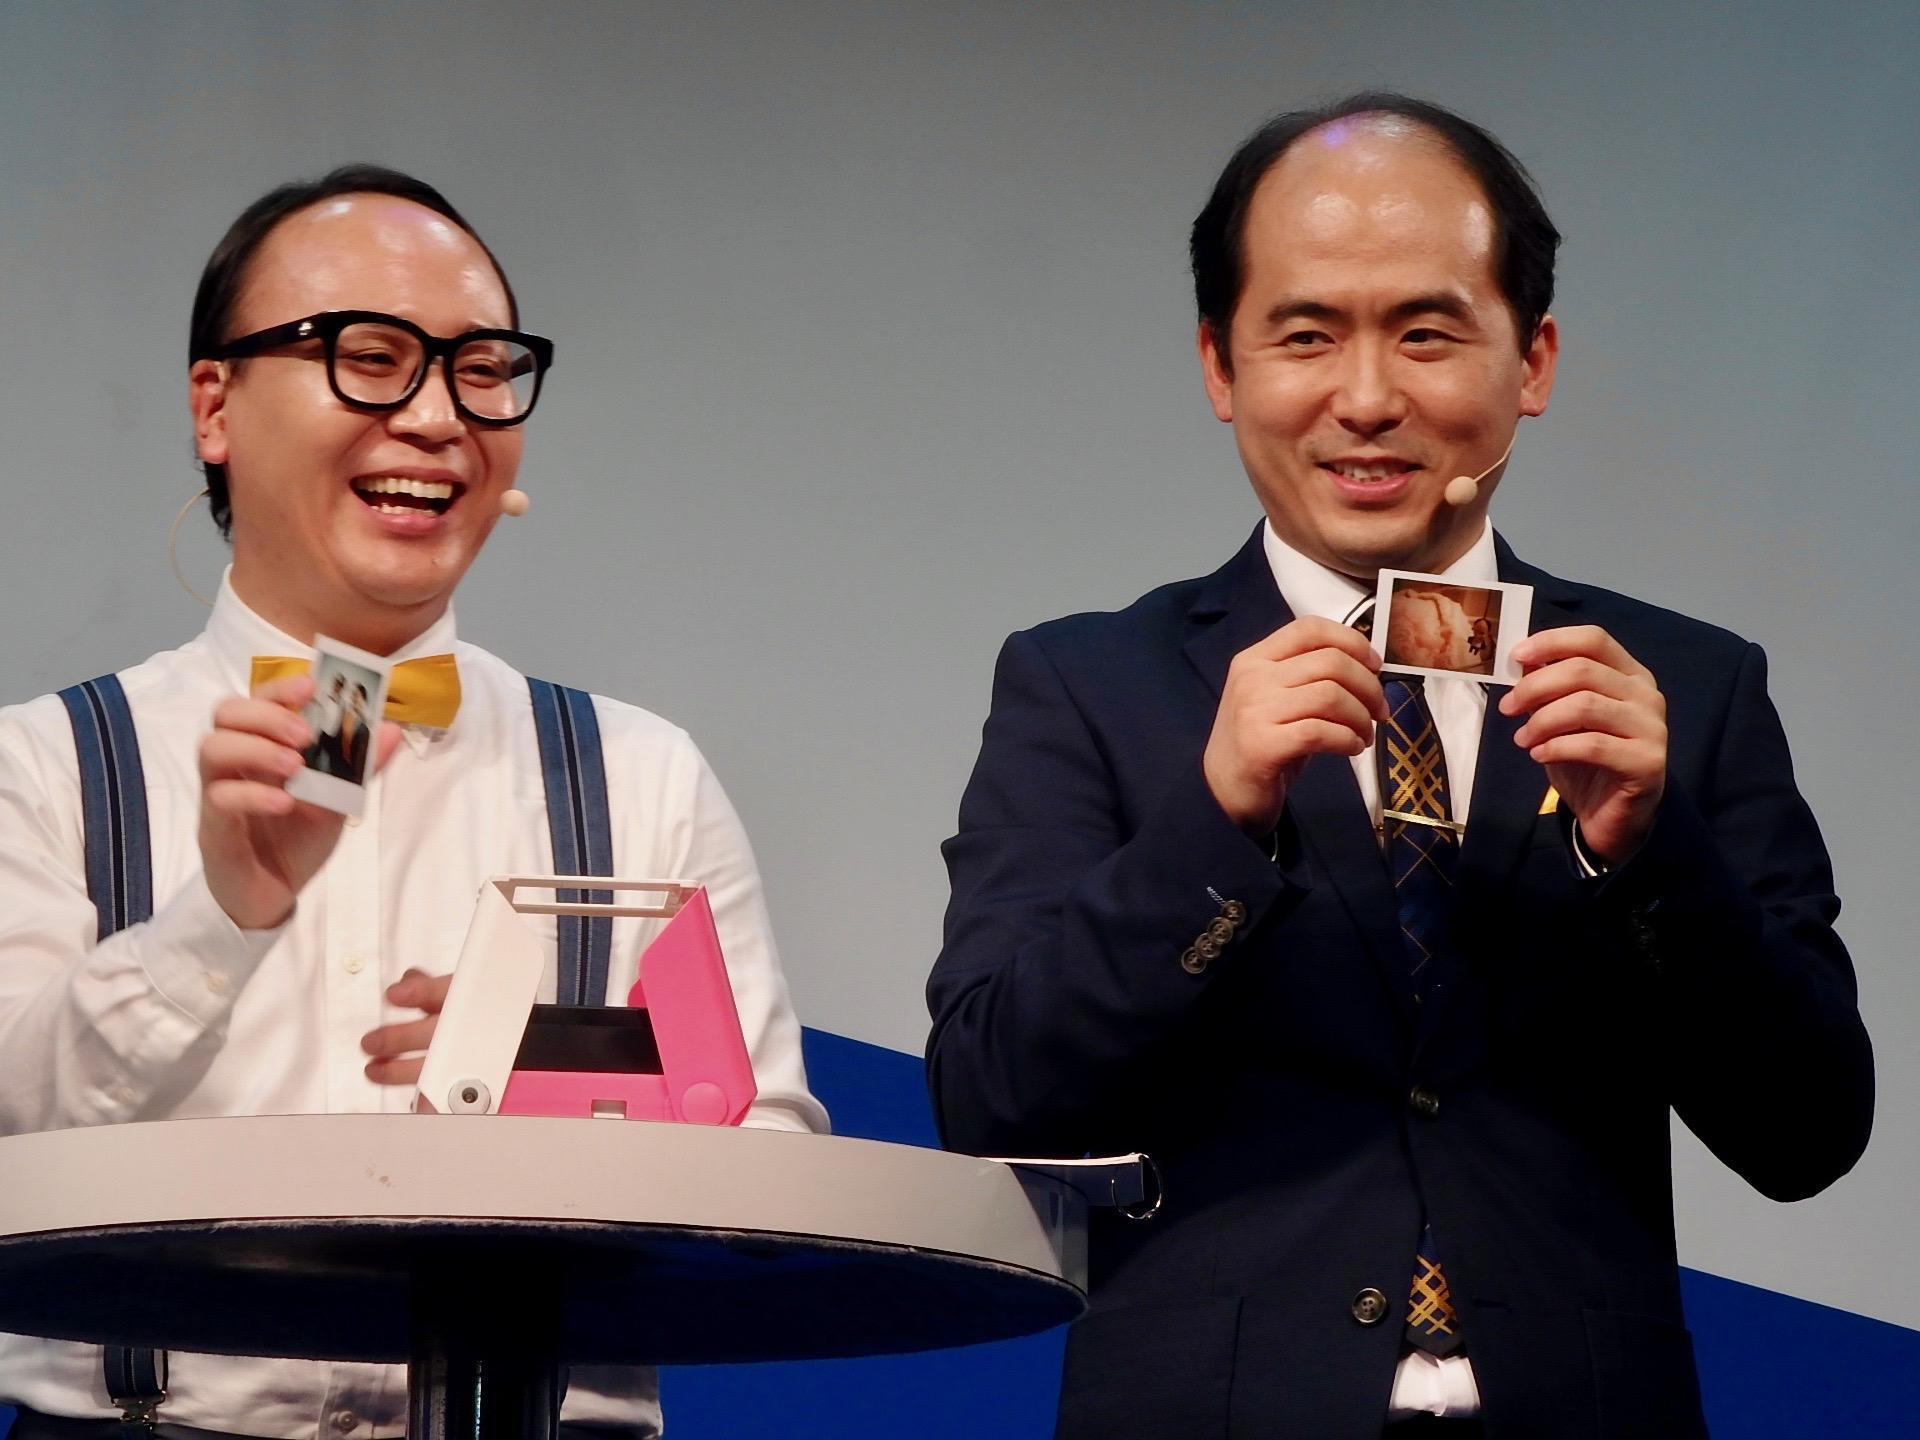 http://news.yoshimoto.co.jp/20180608133849-fade9947518b50075a19ae5dc5751aafe2e96a52.jpg